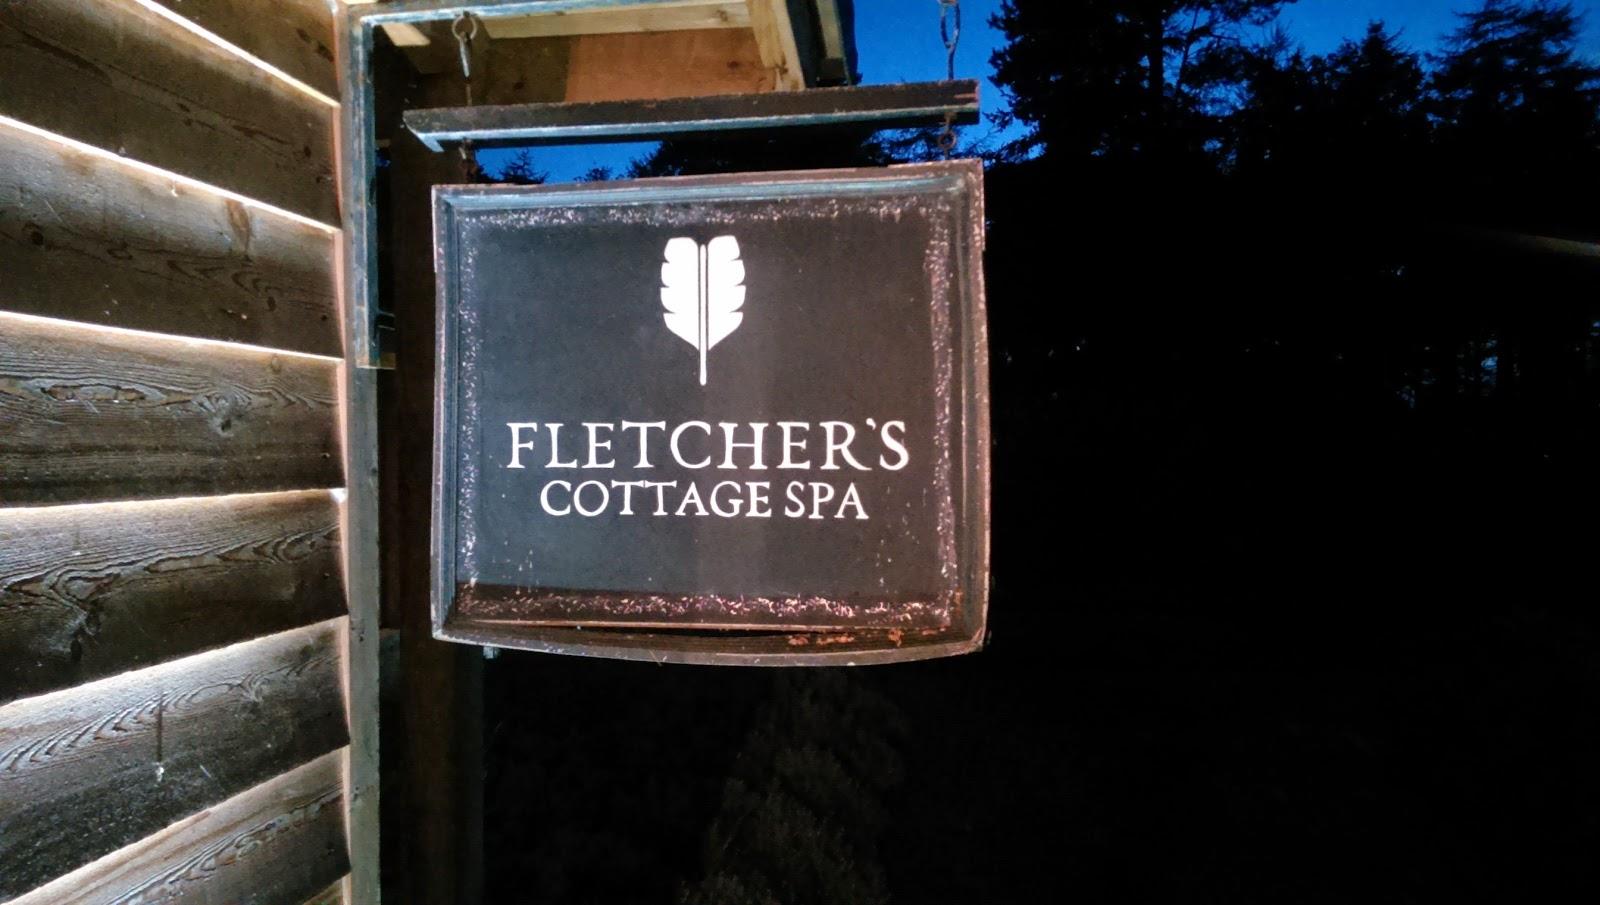 Fletcher's Cottage Spa at Archerfield House